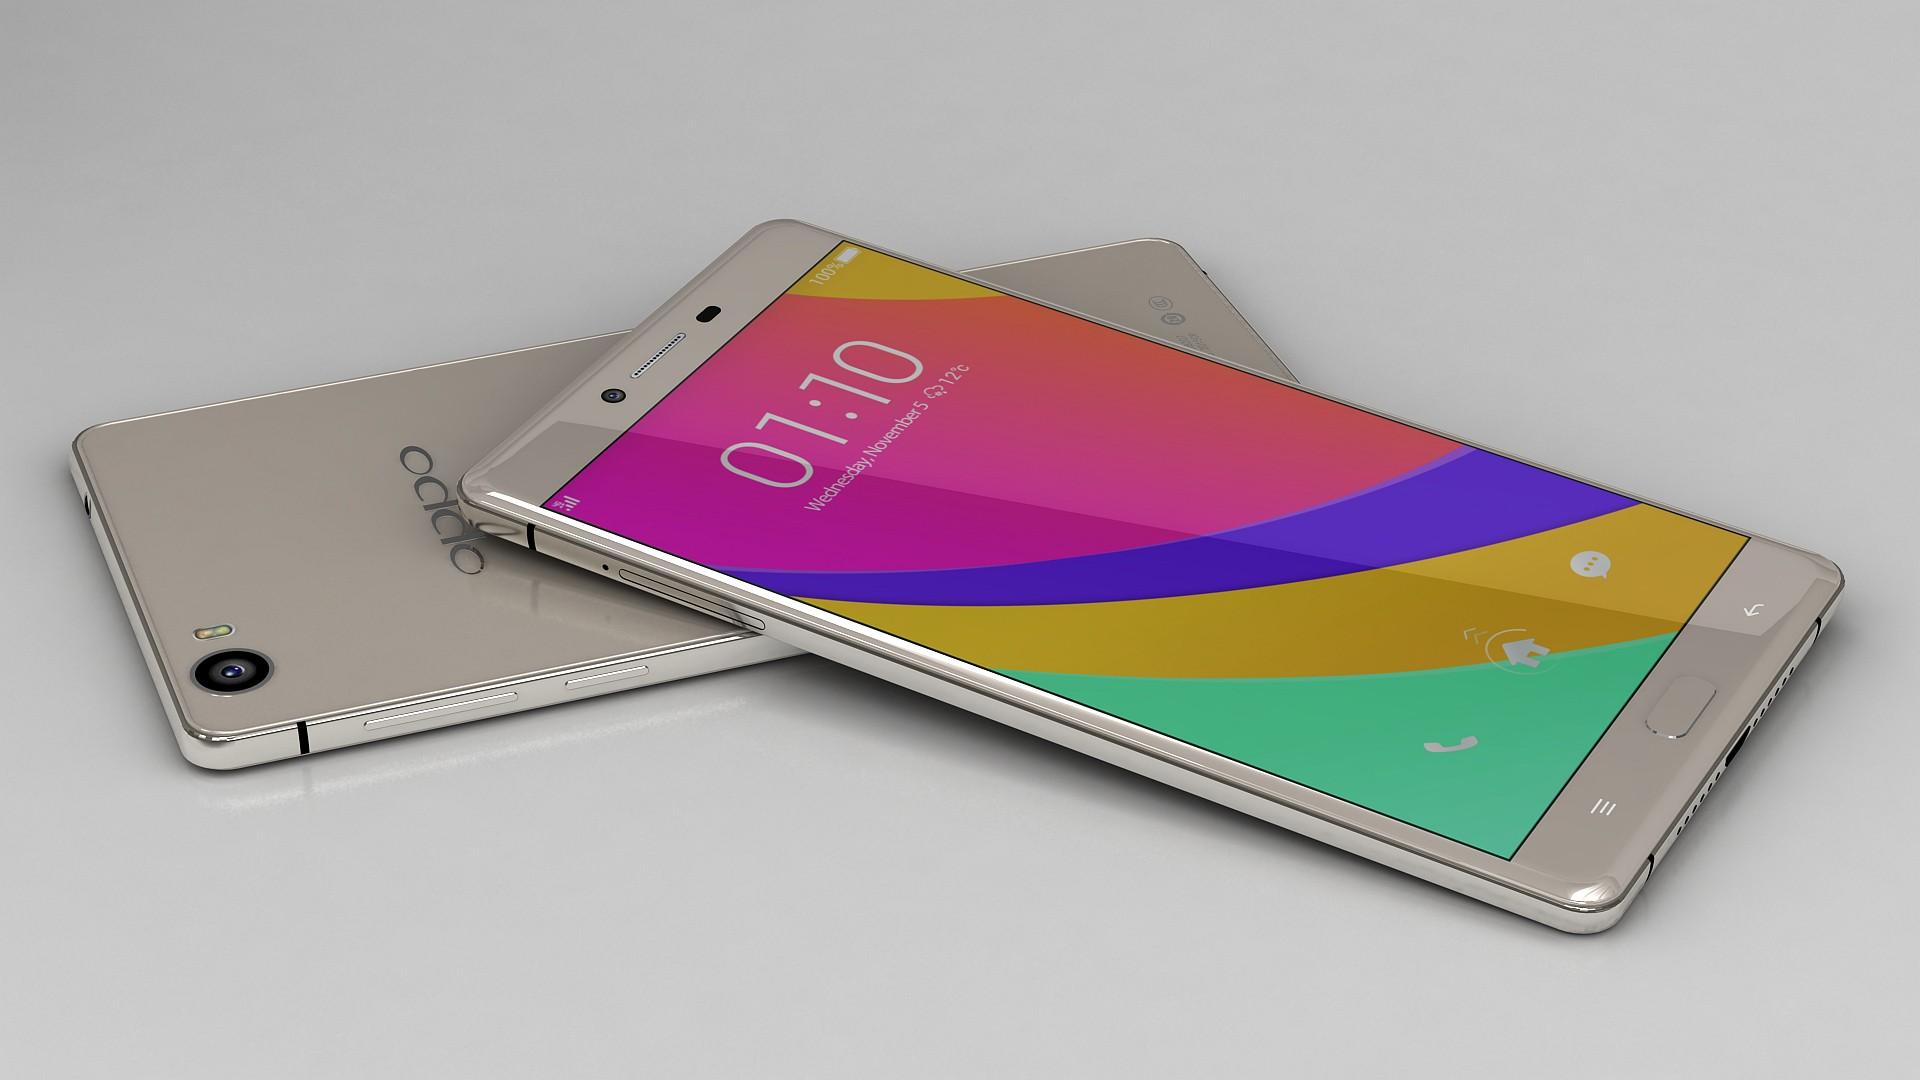 image001 - OPPO R7 Lite ra mắt chính thức với màn hình 720p và Android Lollipop